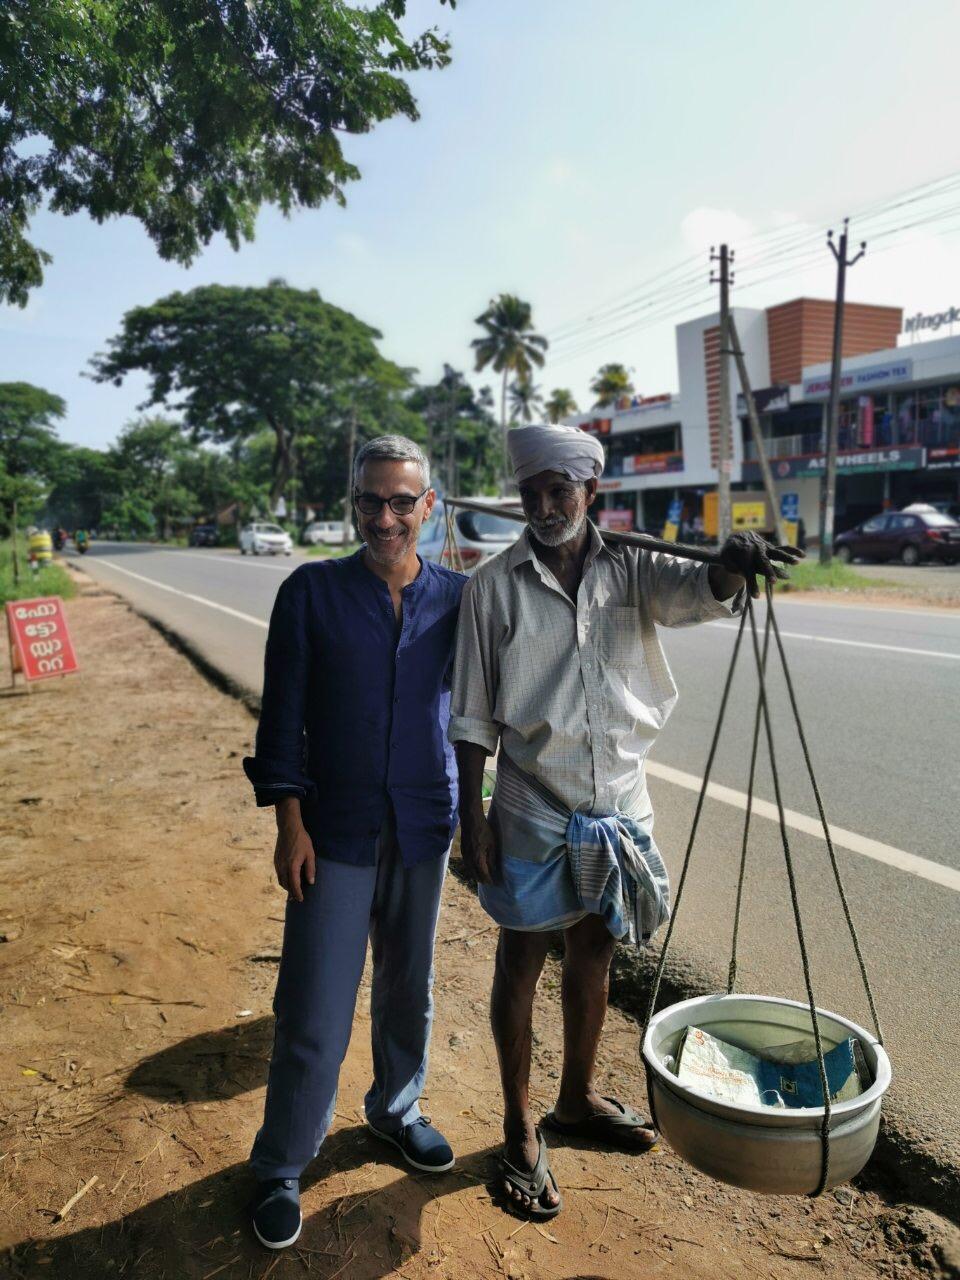 νότια ινδική dating γκέι κάντρι τύπος που χρονολογείται